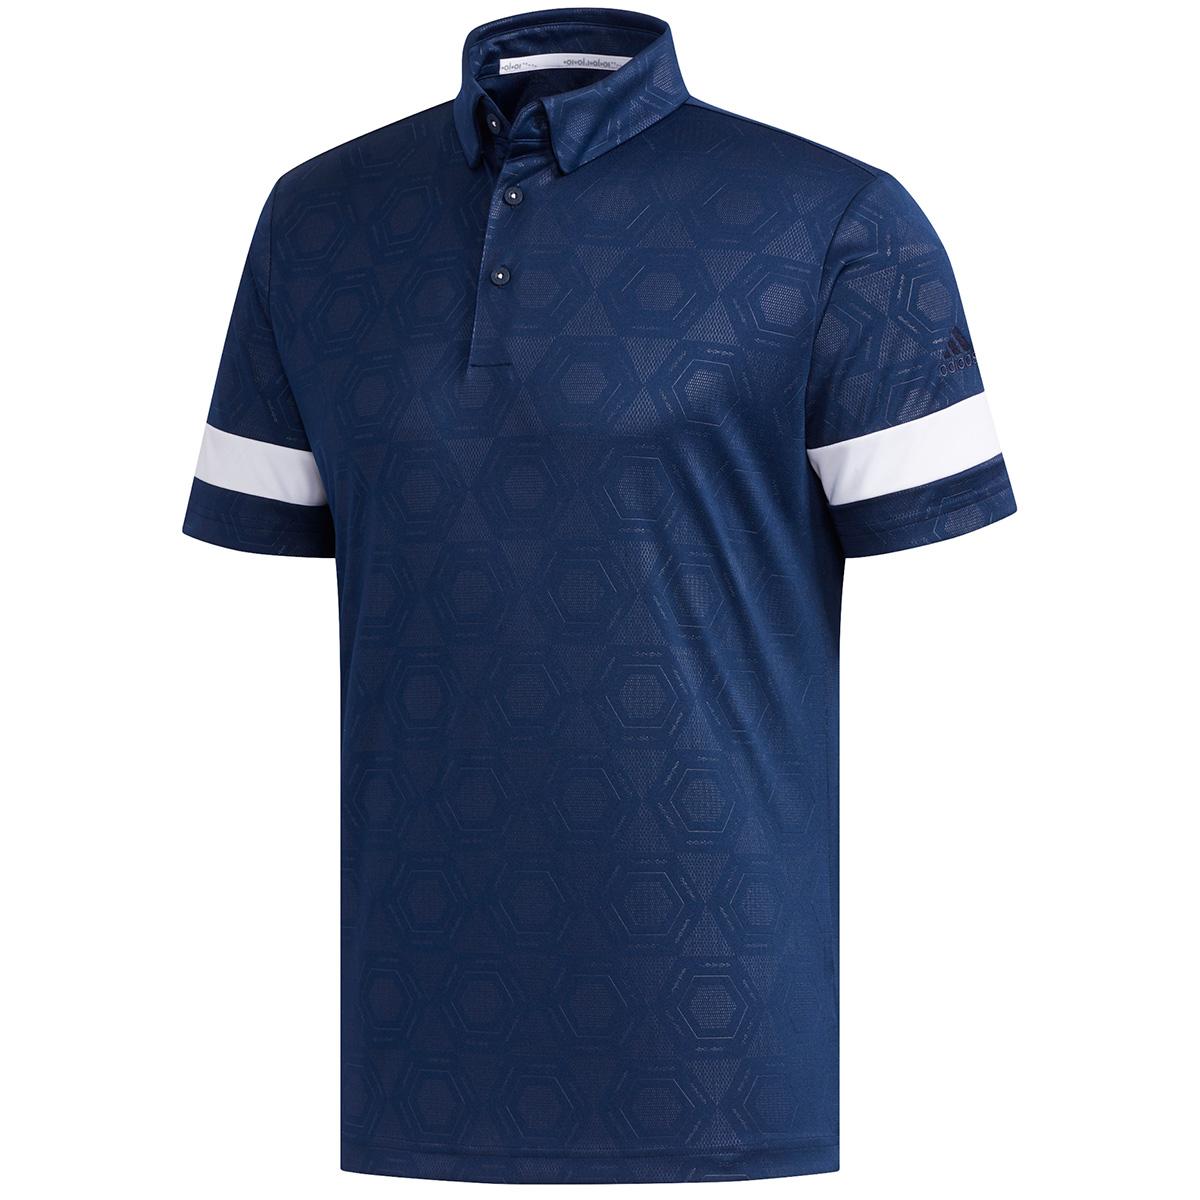 ヘキサゴンエンボスプリント 半袖ポロシャツ